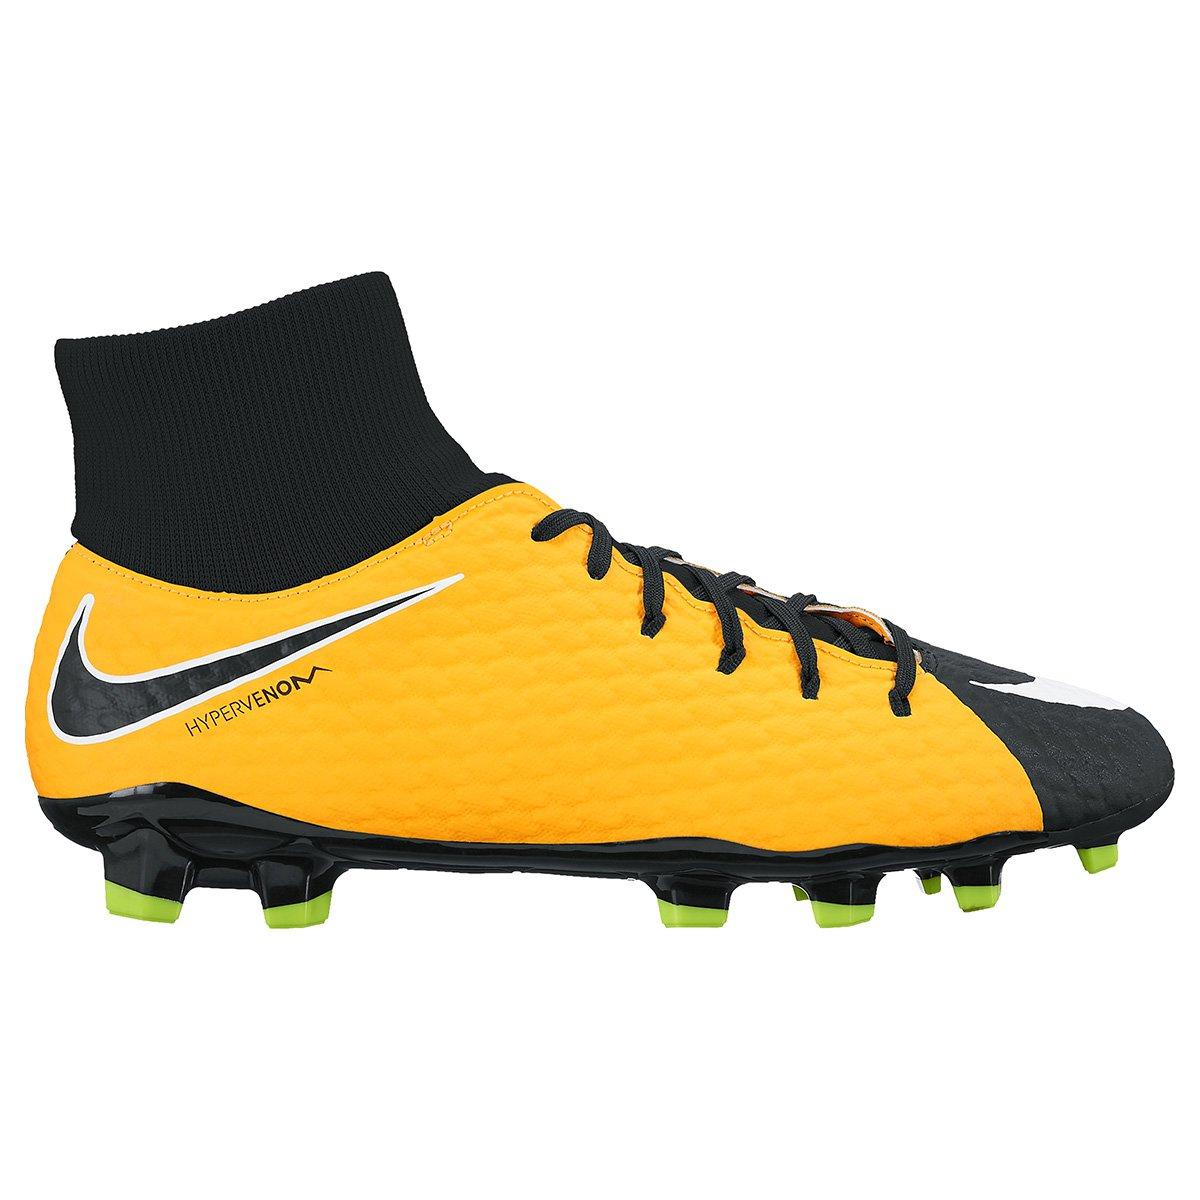 Chuteira Campo Nike Hypervenom Phelon 3 DF FG - Compre Agora  3544e480711ae